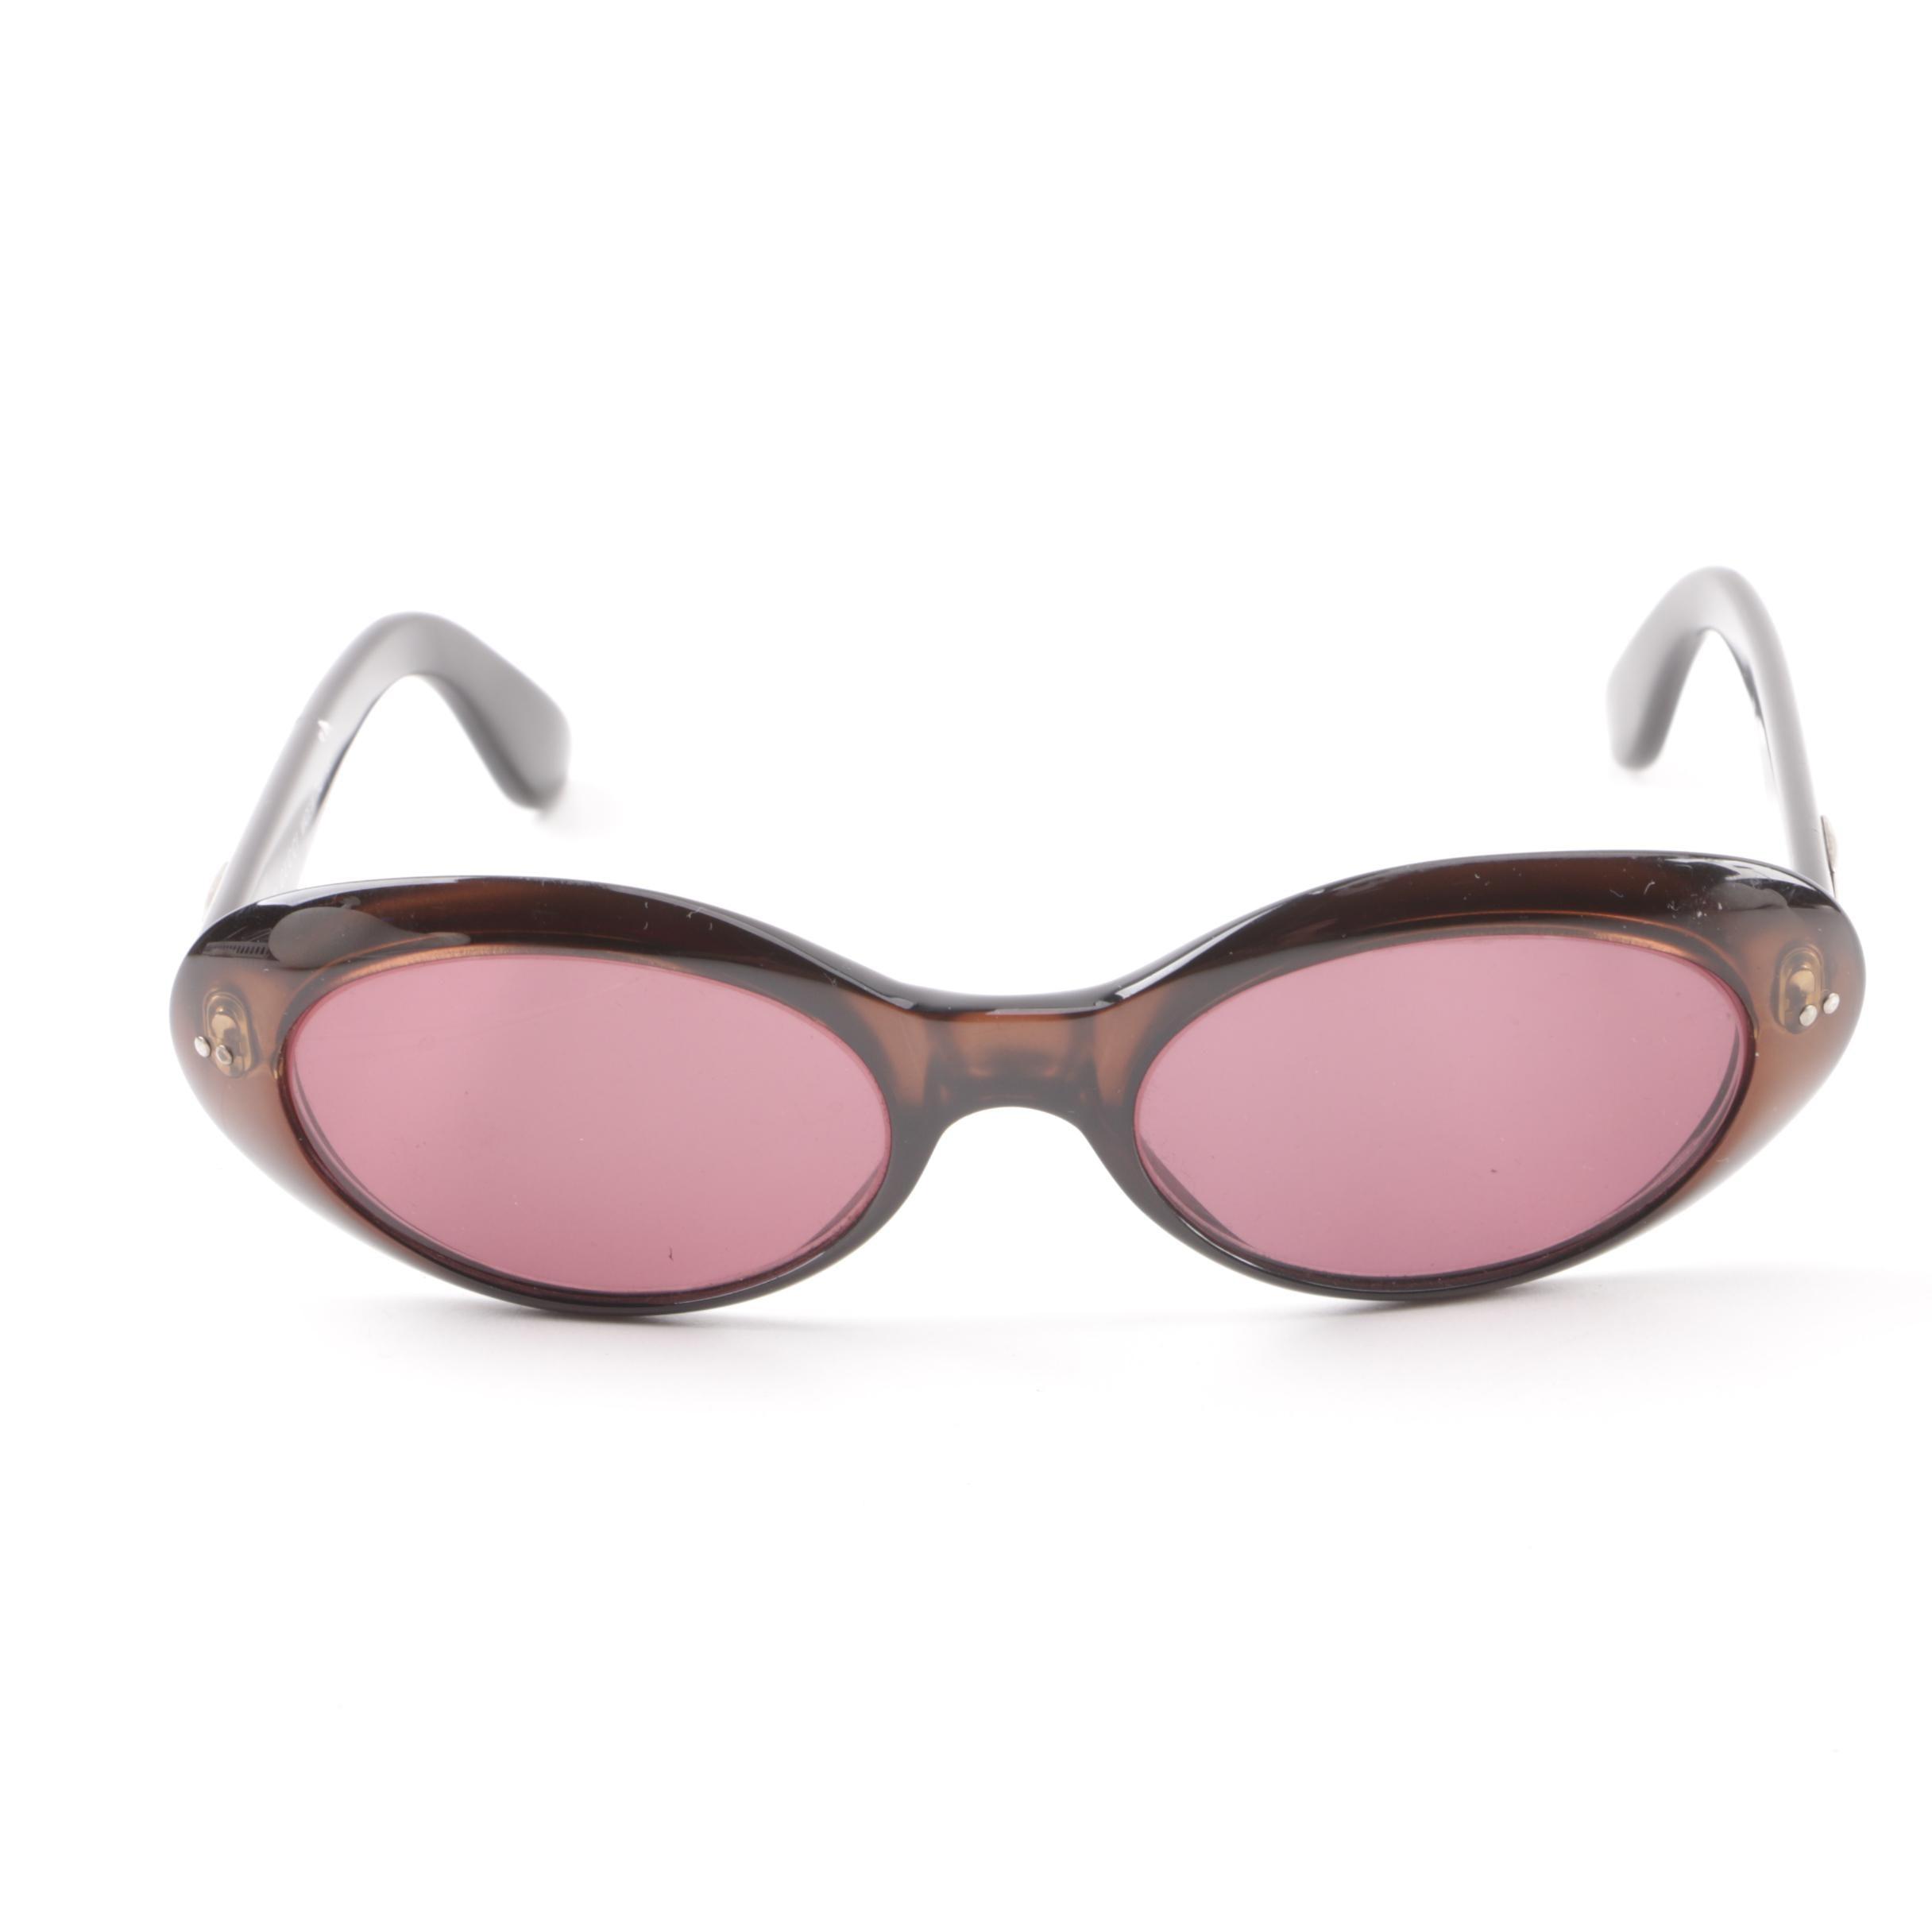 Gucci Prescription Sunglasses